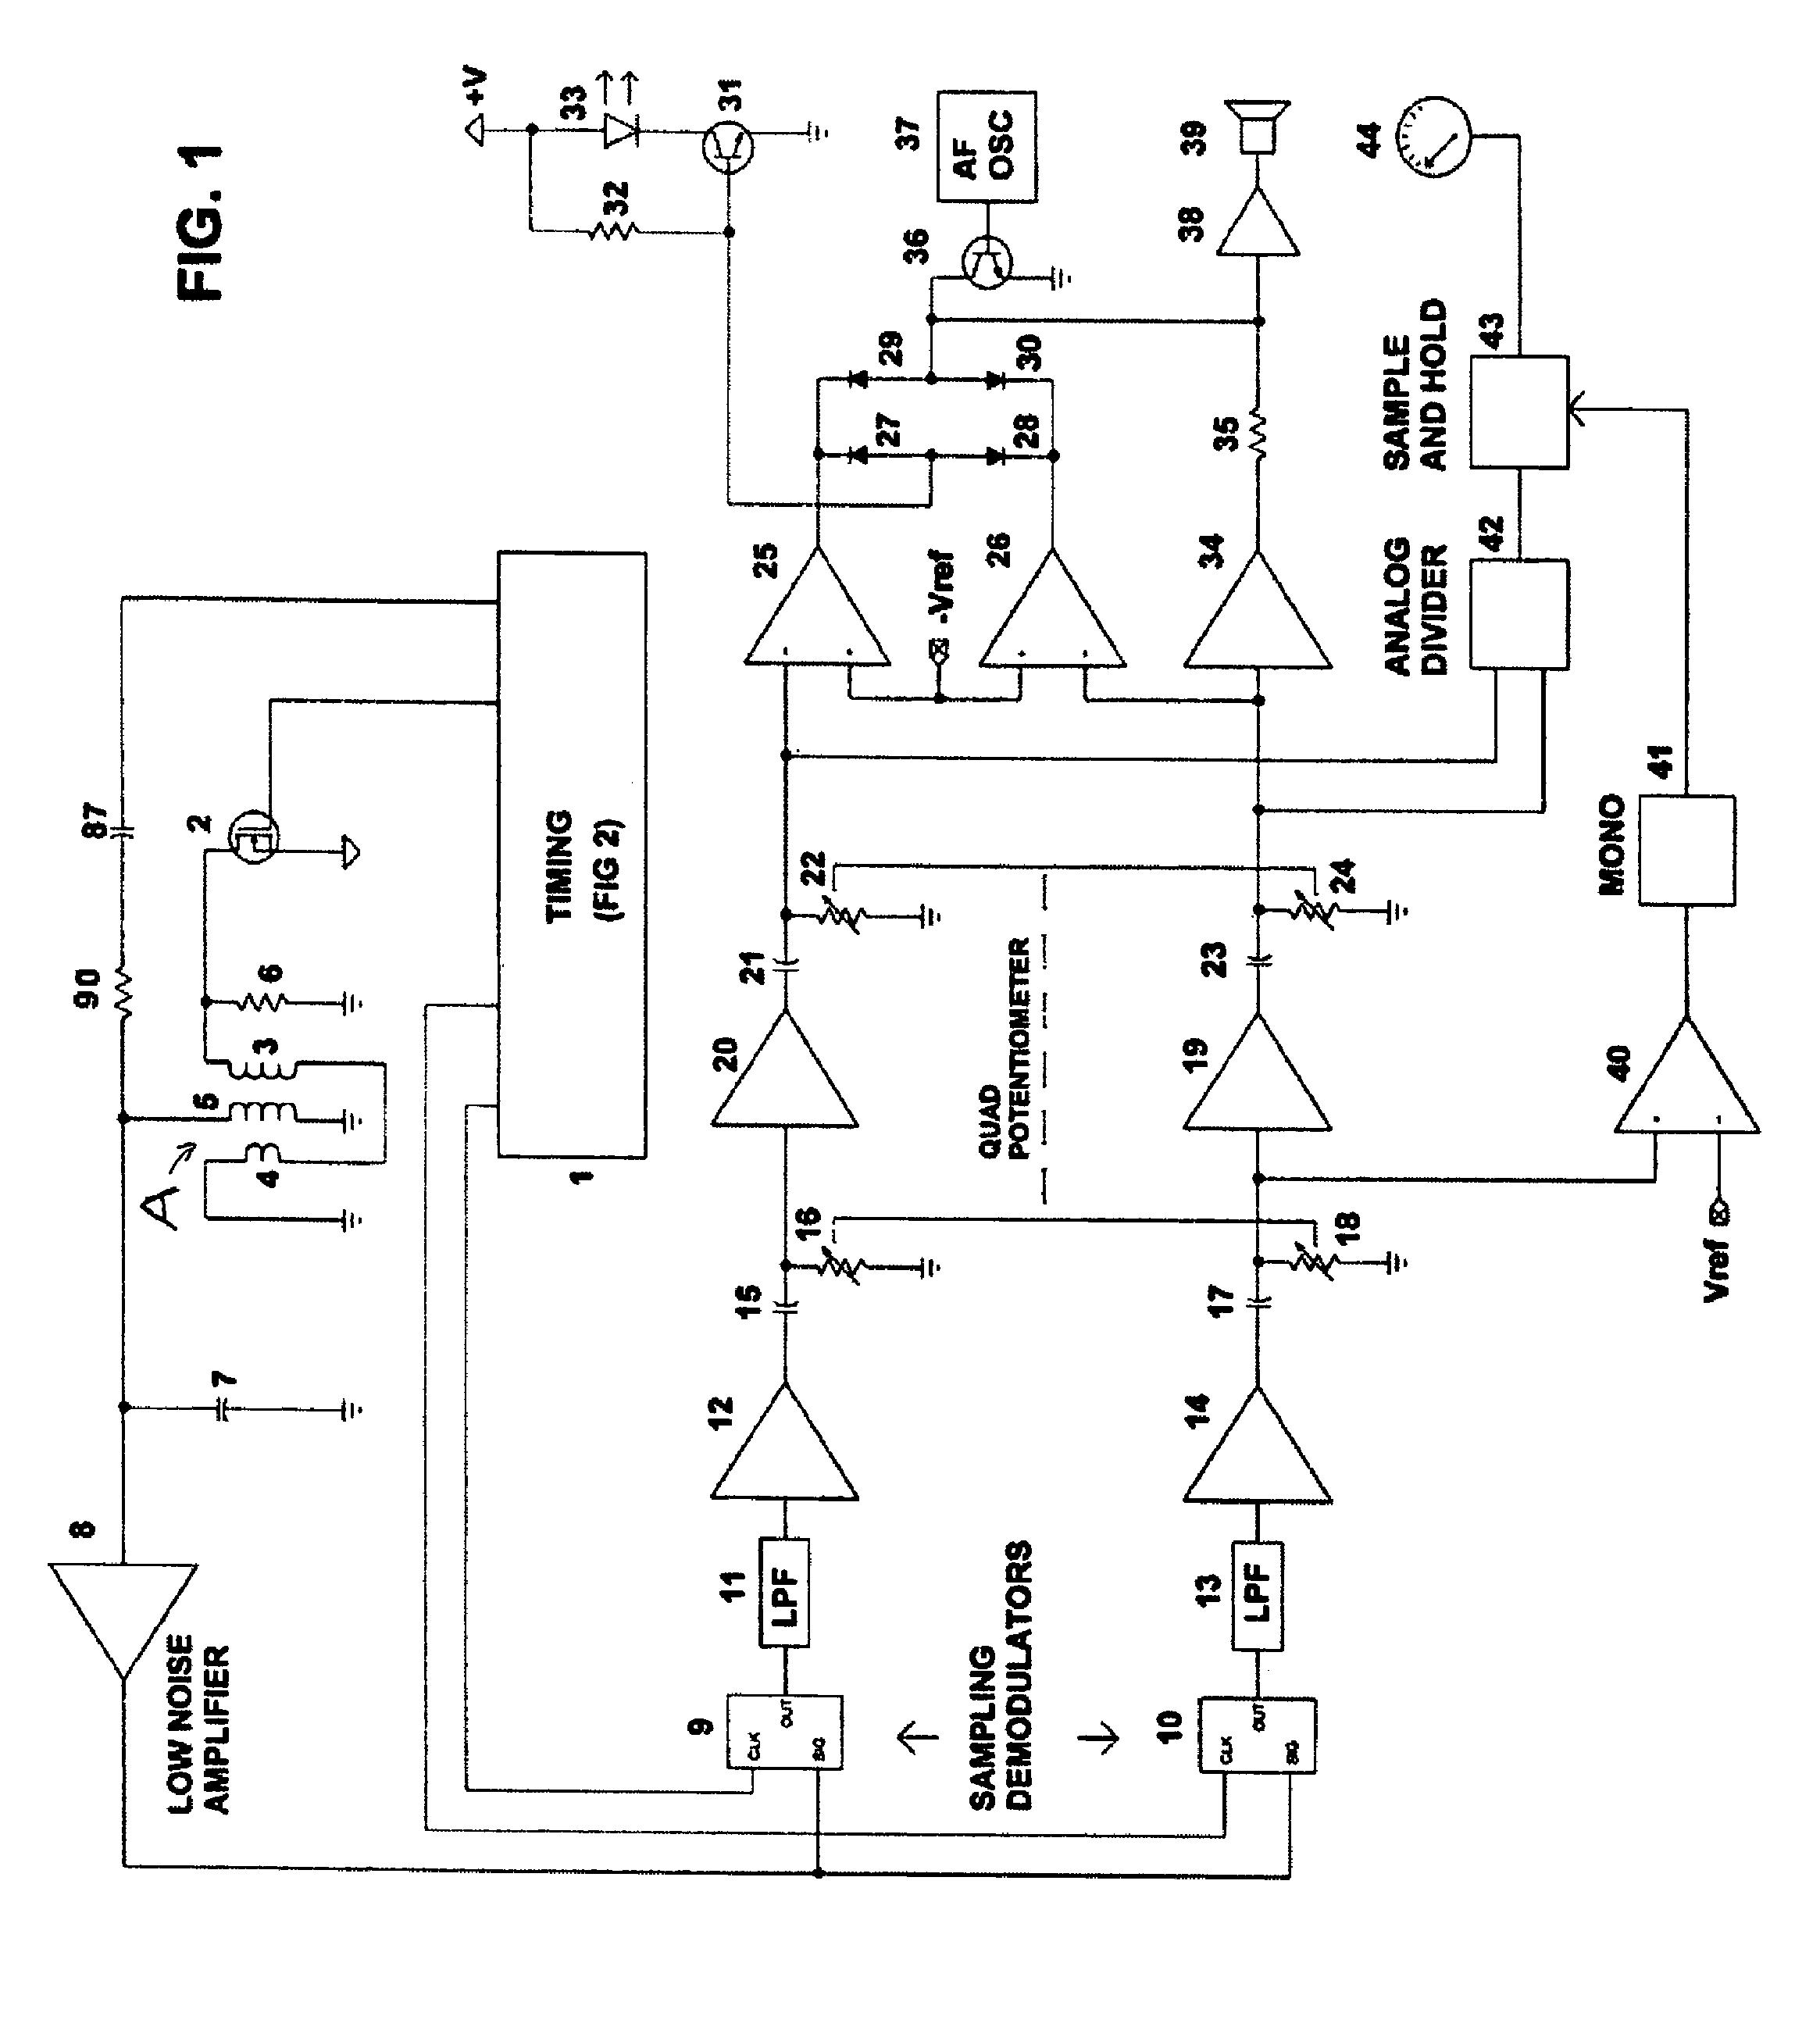 patent us7710118